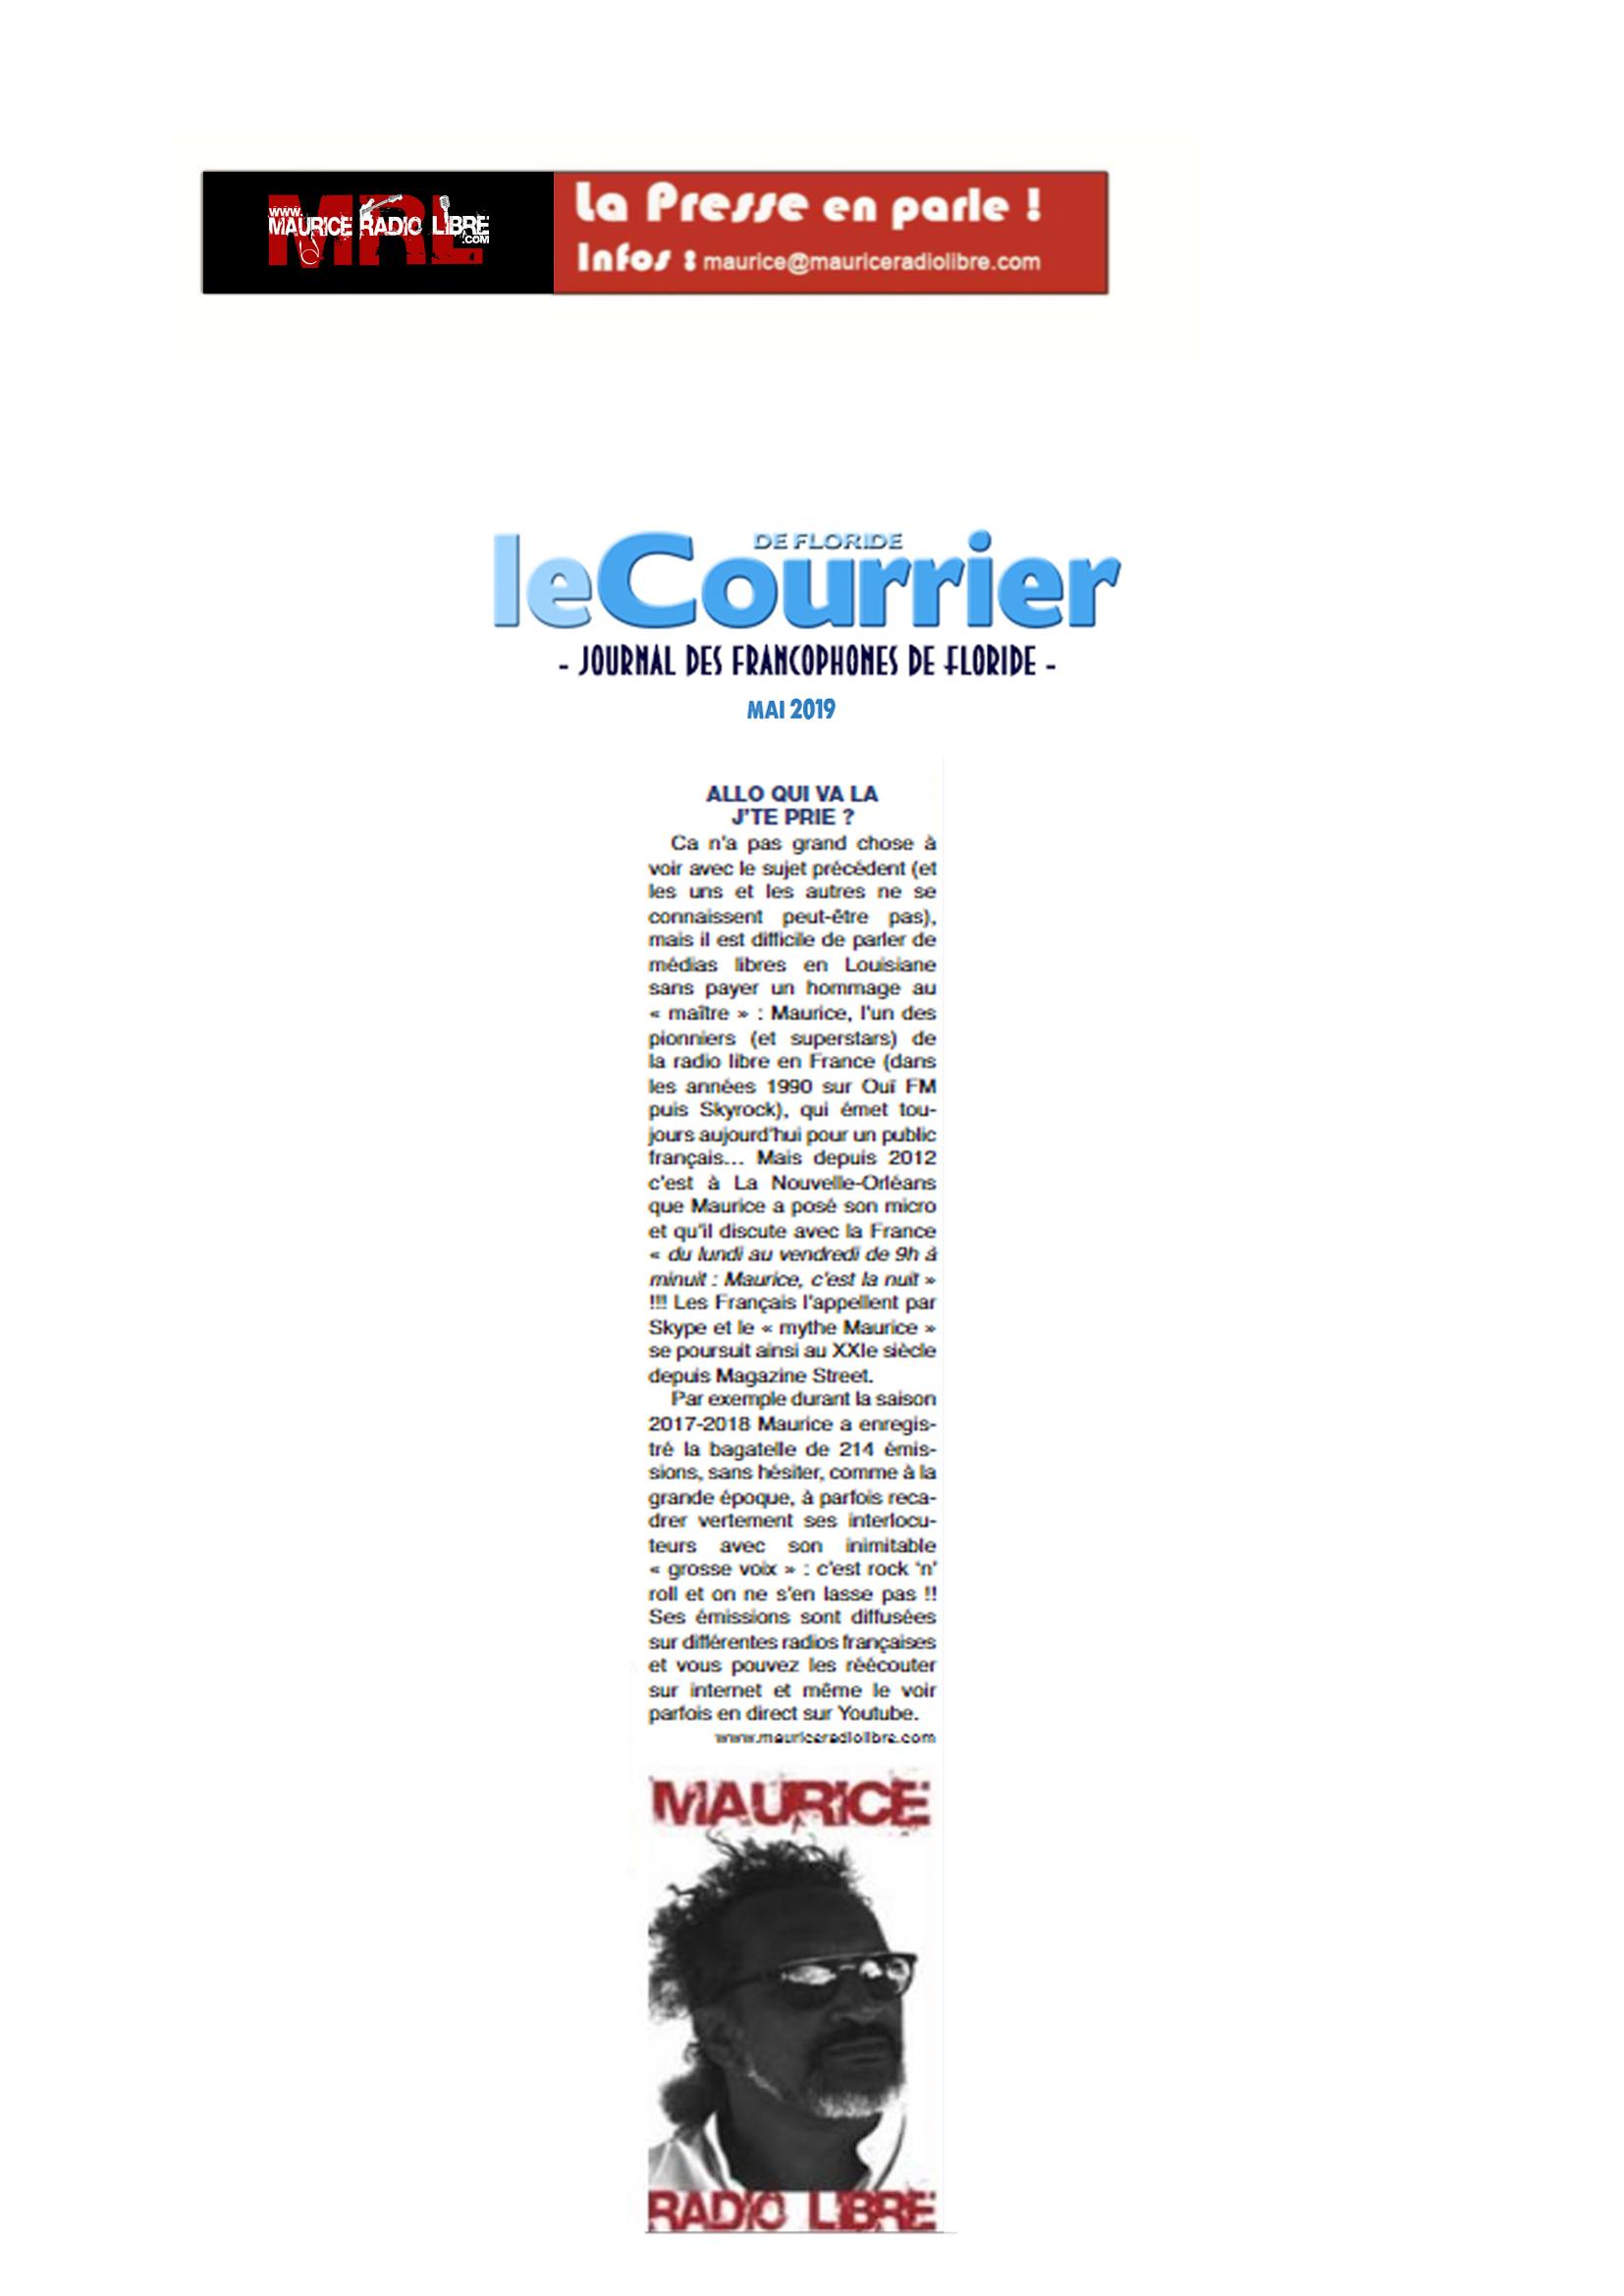 vignette Le Courrier de Floride - Journal des Francophones de Floride - Mai 2019